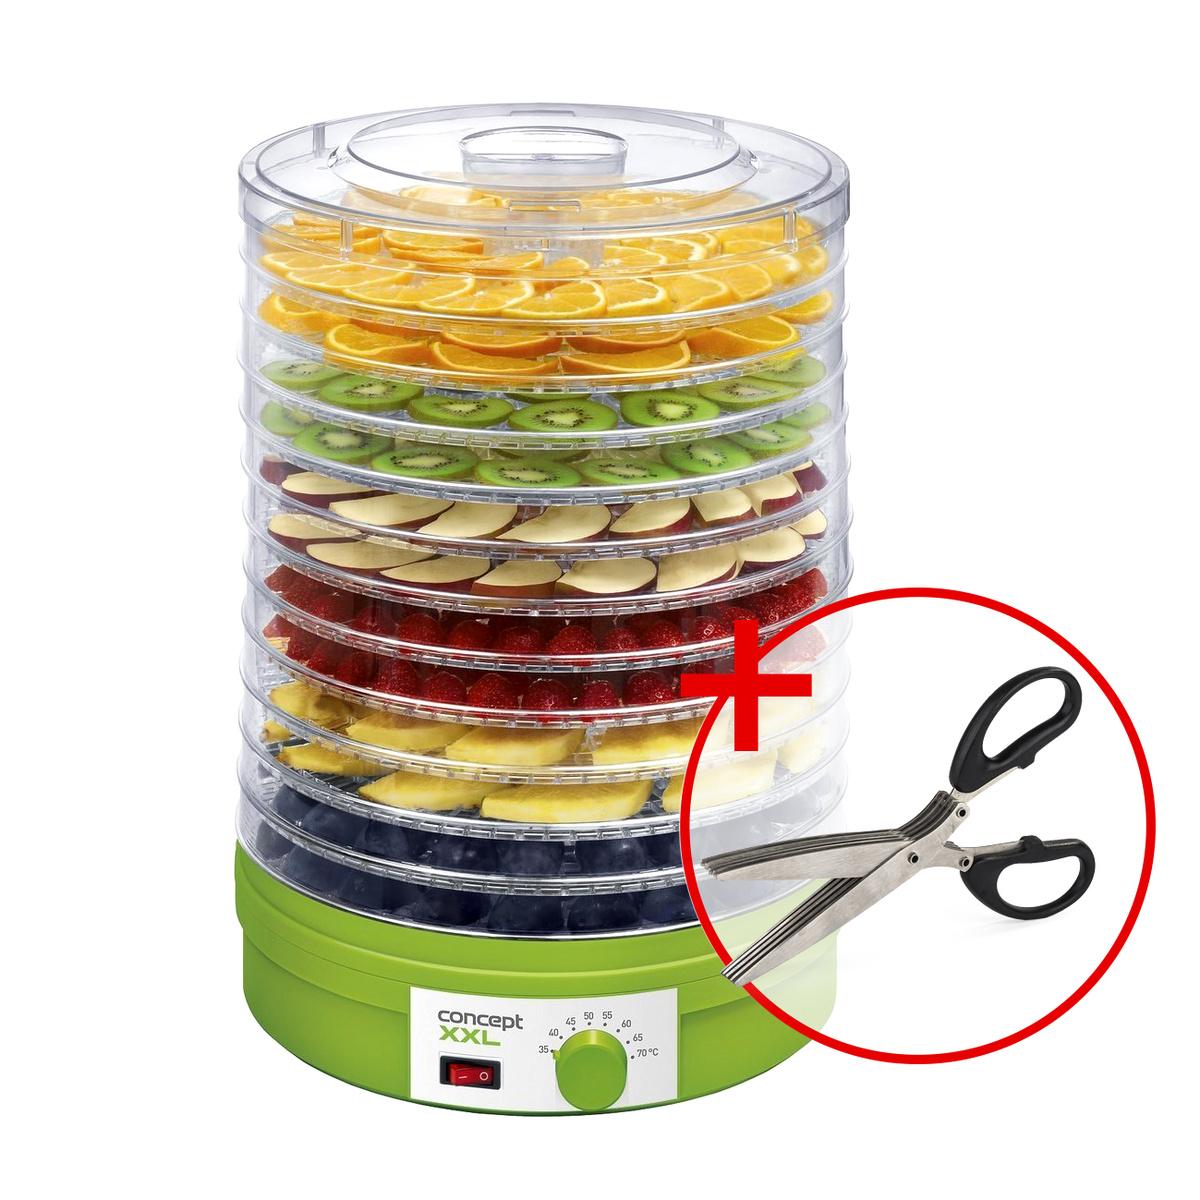 Concept SO-1025 XXL sušička ovocia darček nožnice